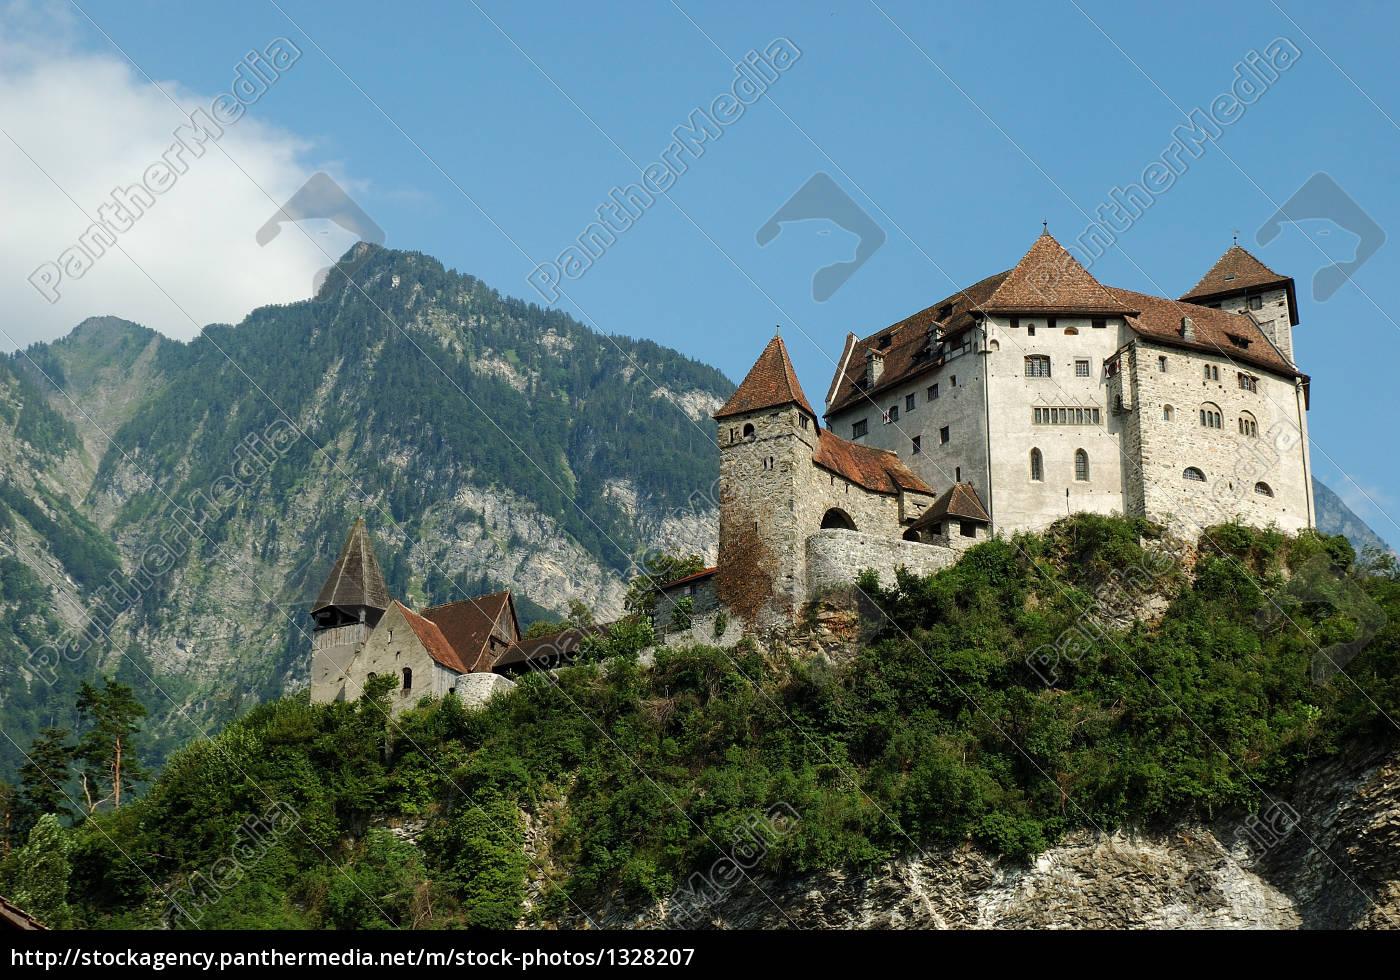 liechtenstein, -, gutenberg, castle - 1328207